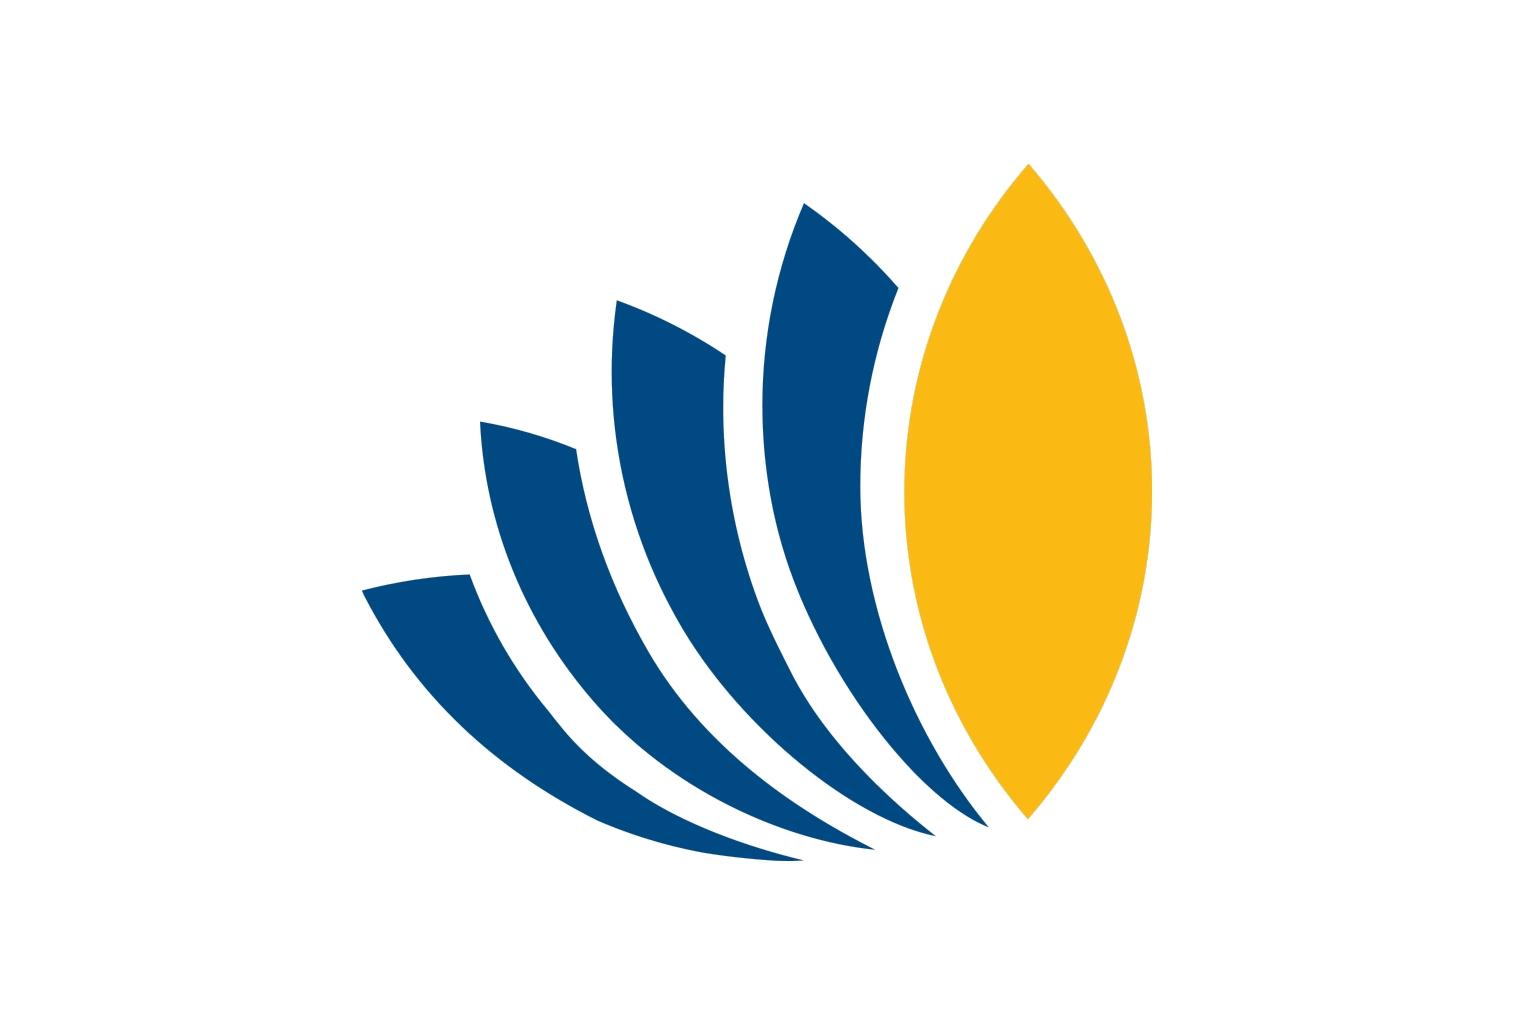 IBL Banca, Massimo Marinelli assume il ruolo di AD della controllata IBL Assicura